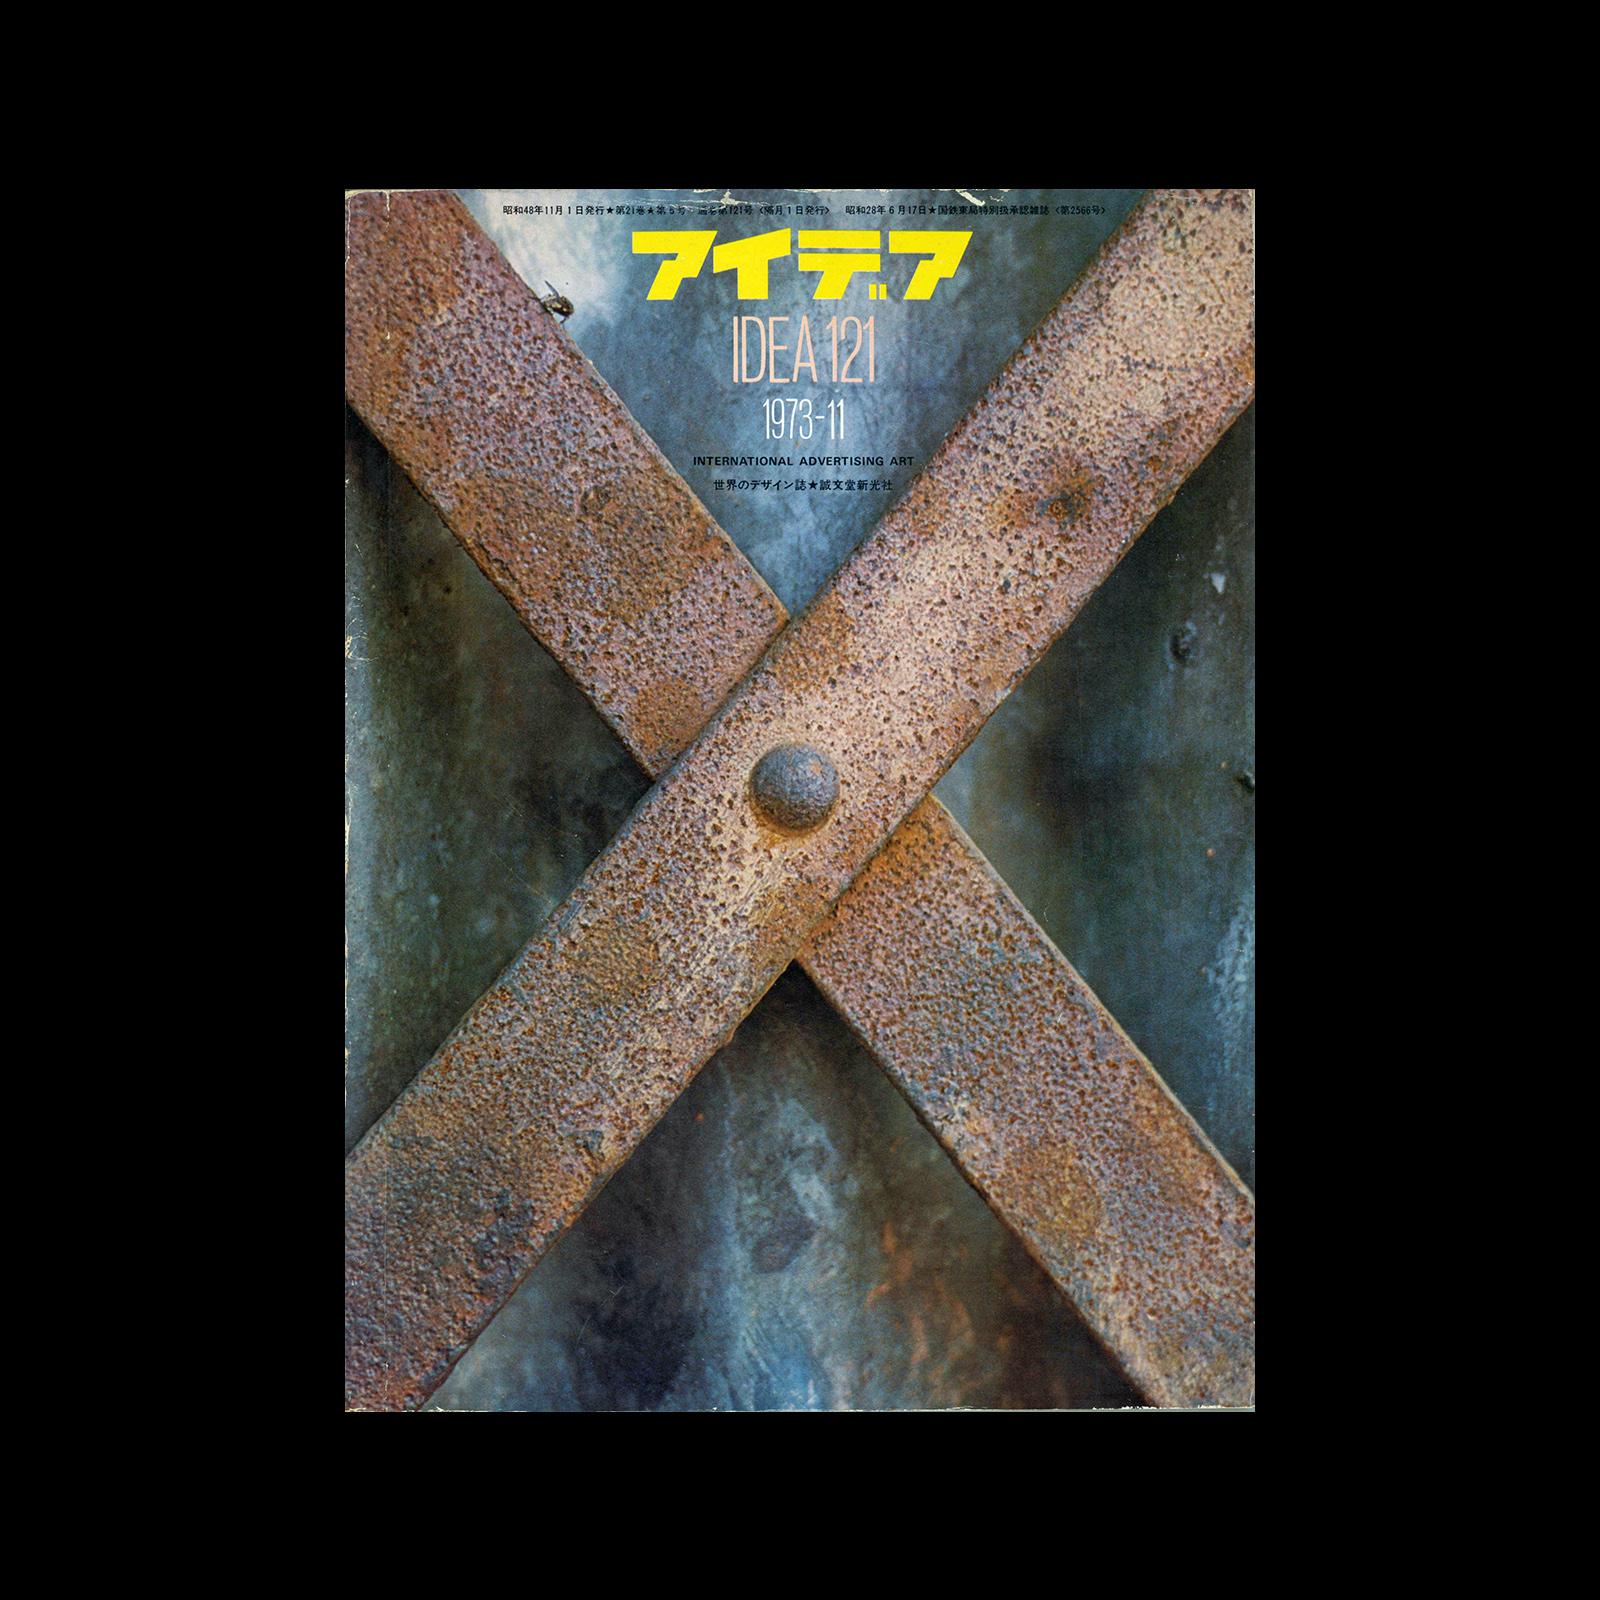 Idea 121, 1973-11. Cover design by Frieder Grindler